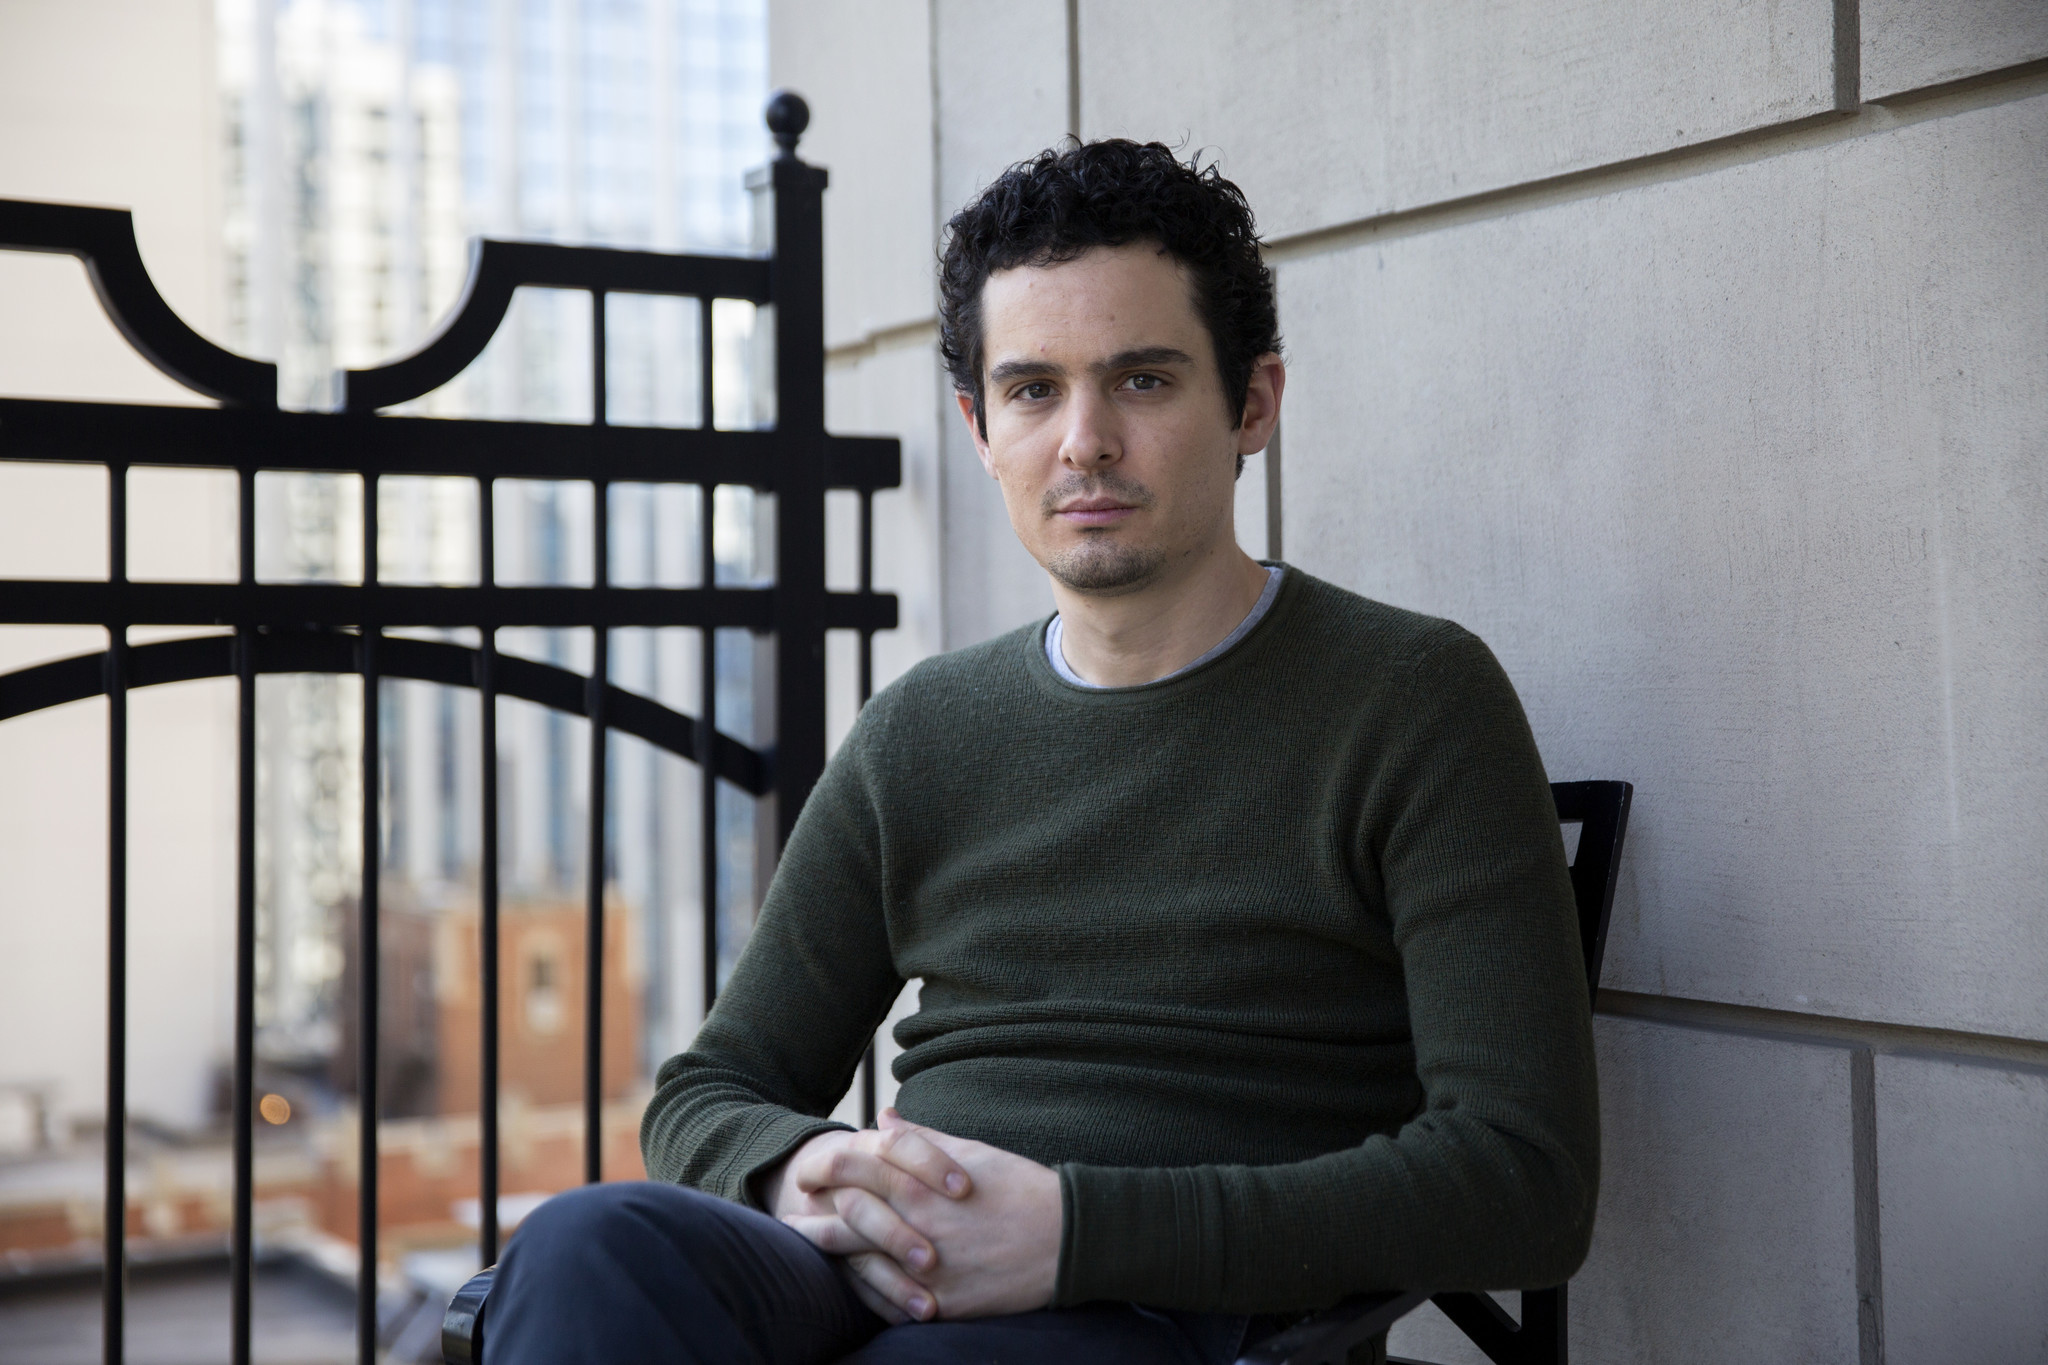 نتفلیکس Netflix سریال هشتقسمتی موزیکال، به کارگردانی دیمین شزل را خریداری کرد